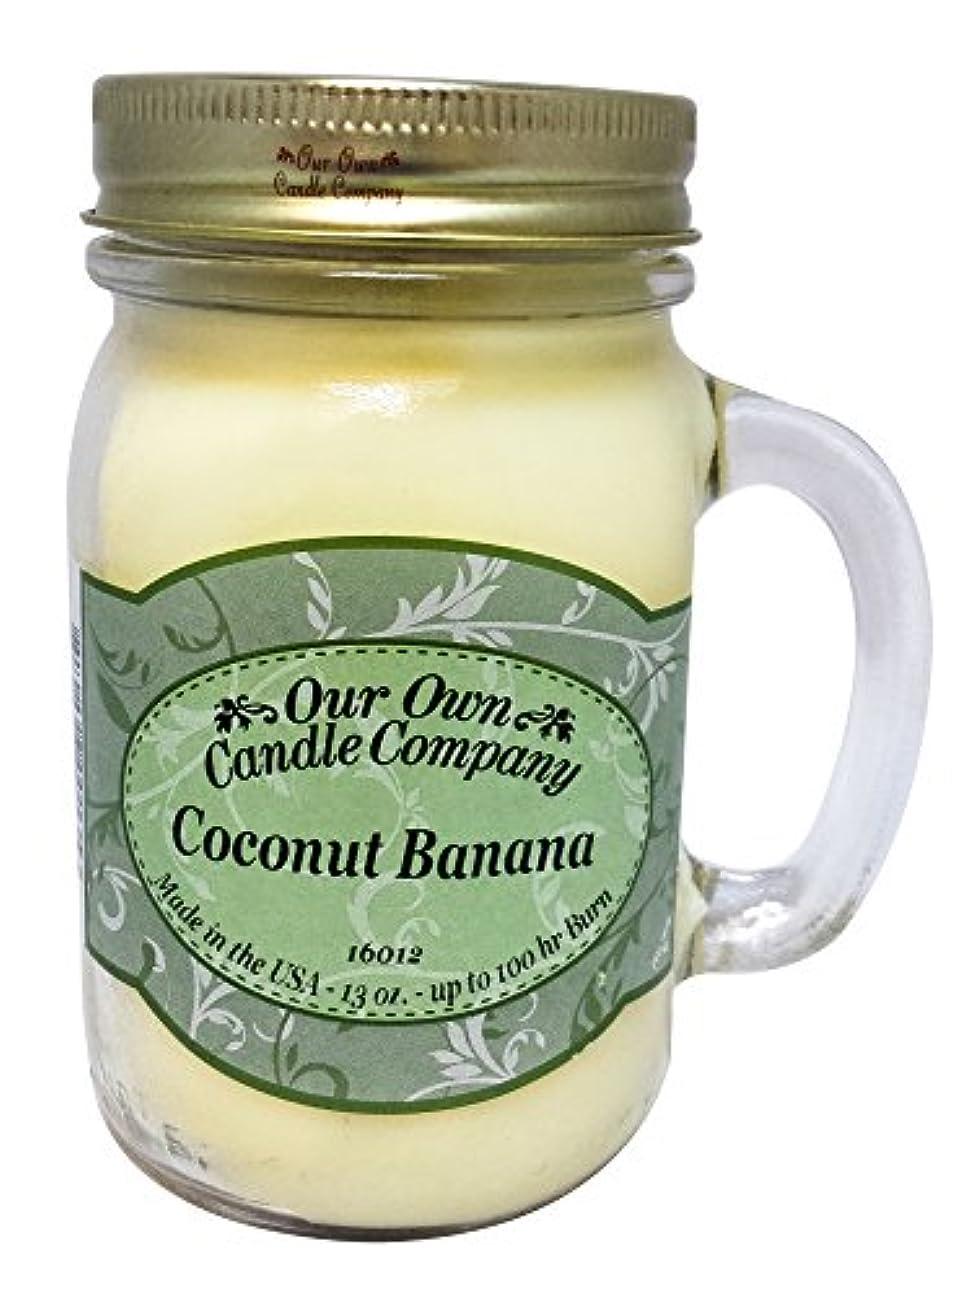 一回アルミニウム膿瘍アロマキャンドル メイソンジャー ココナッツバナナ ビッグ Our Own Candle Company Coconut Banana big 日本未発売フレグランス